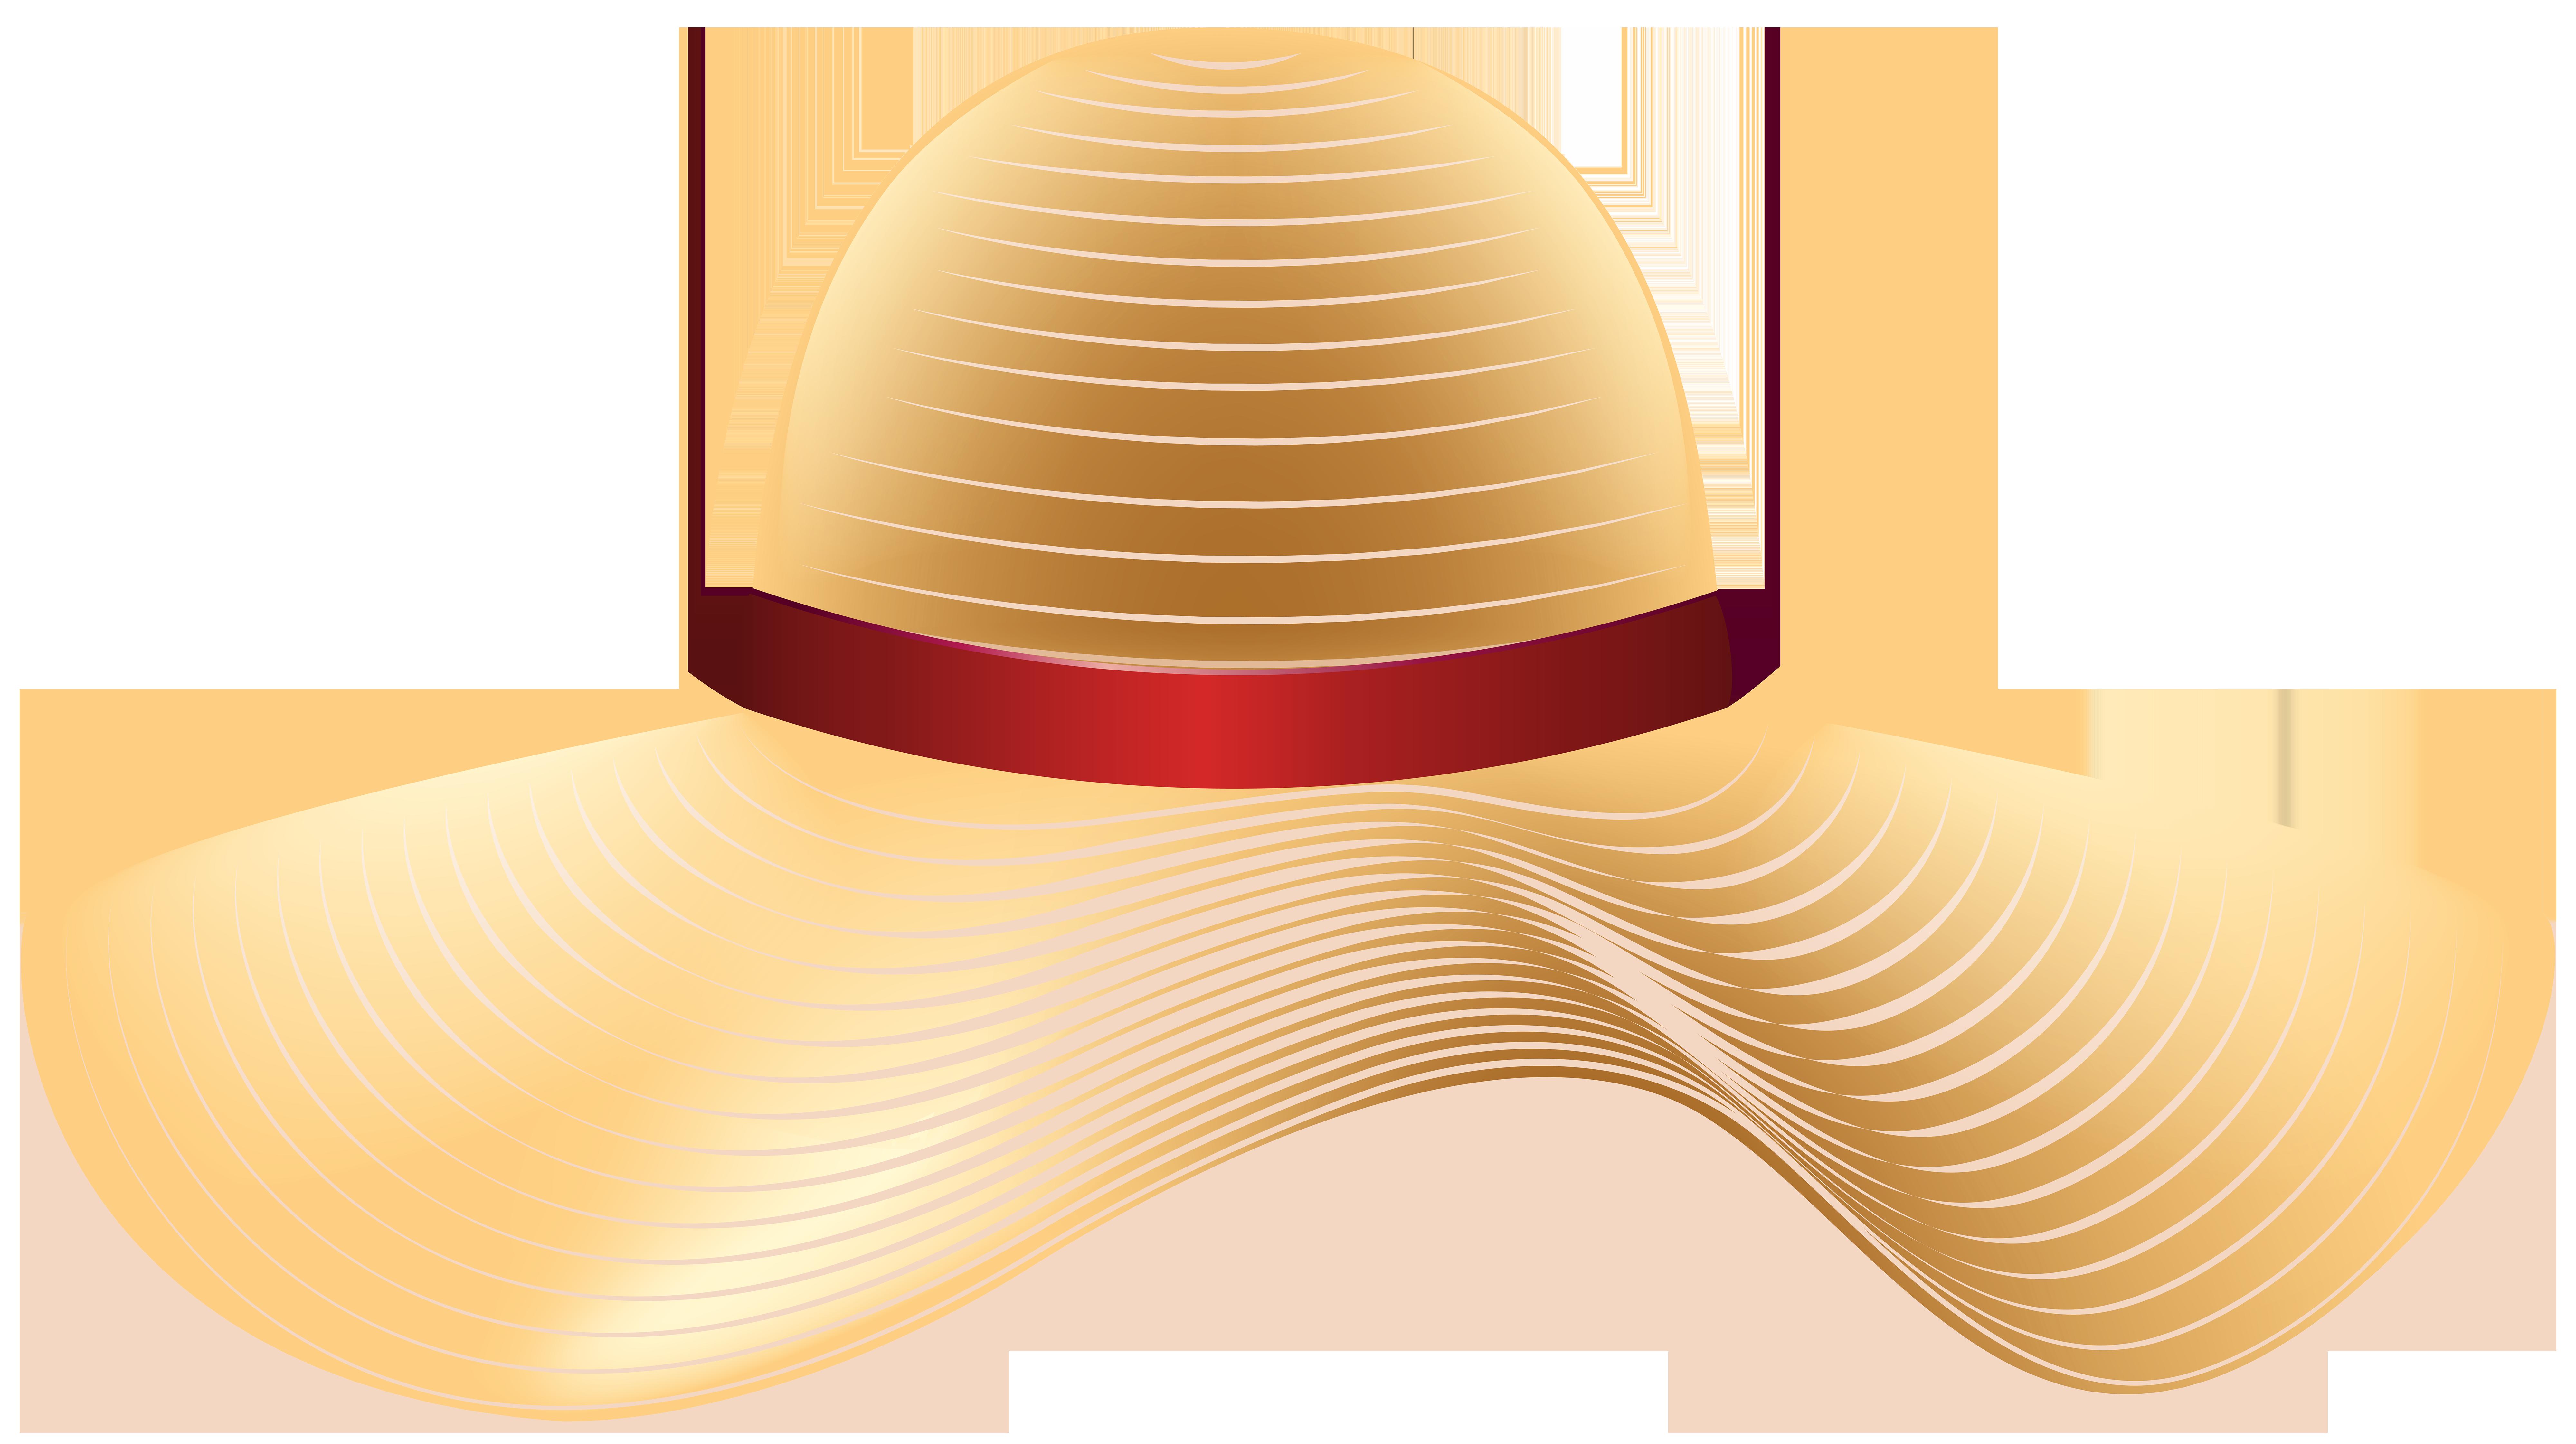 Sun png clip art. Clipart summer hat